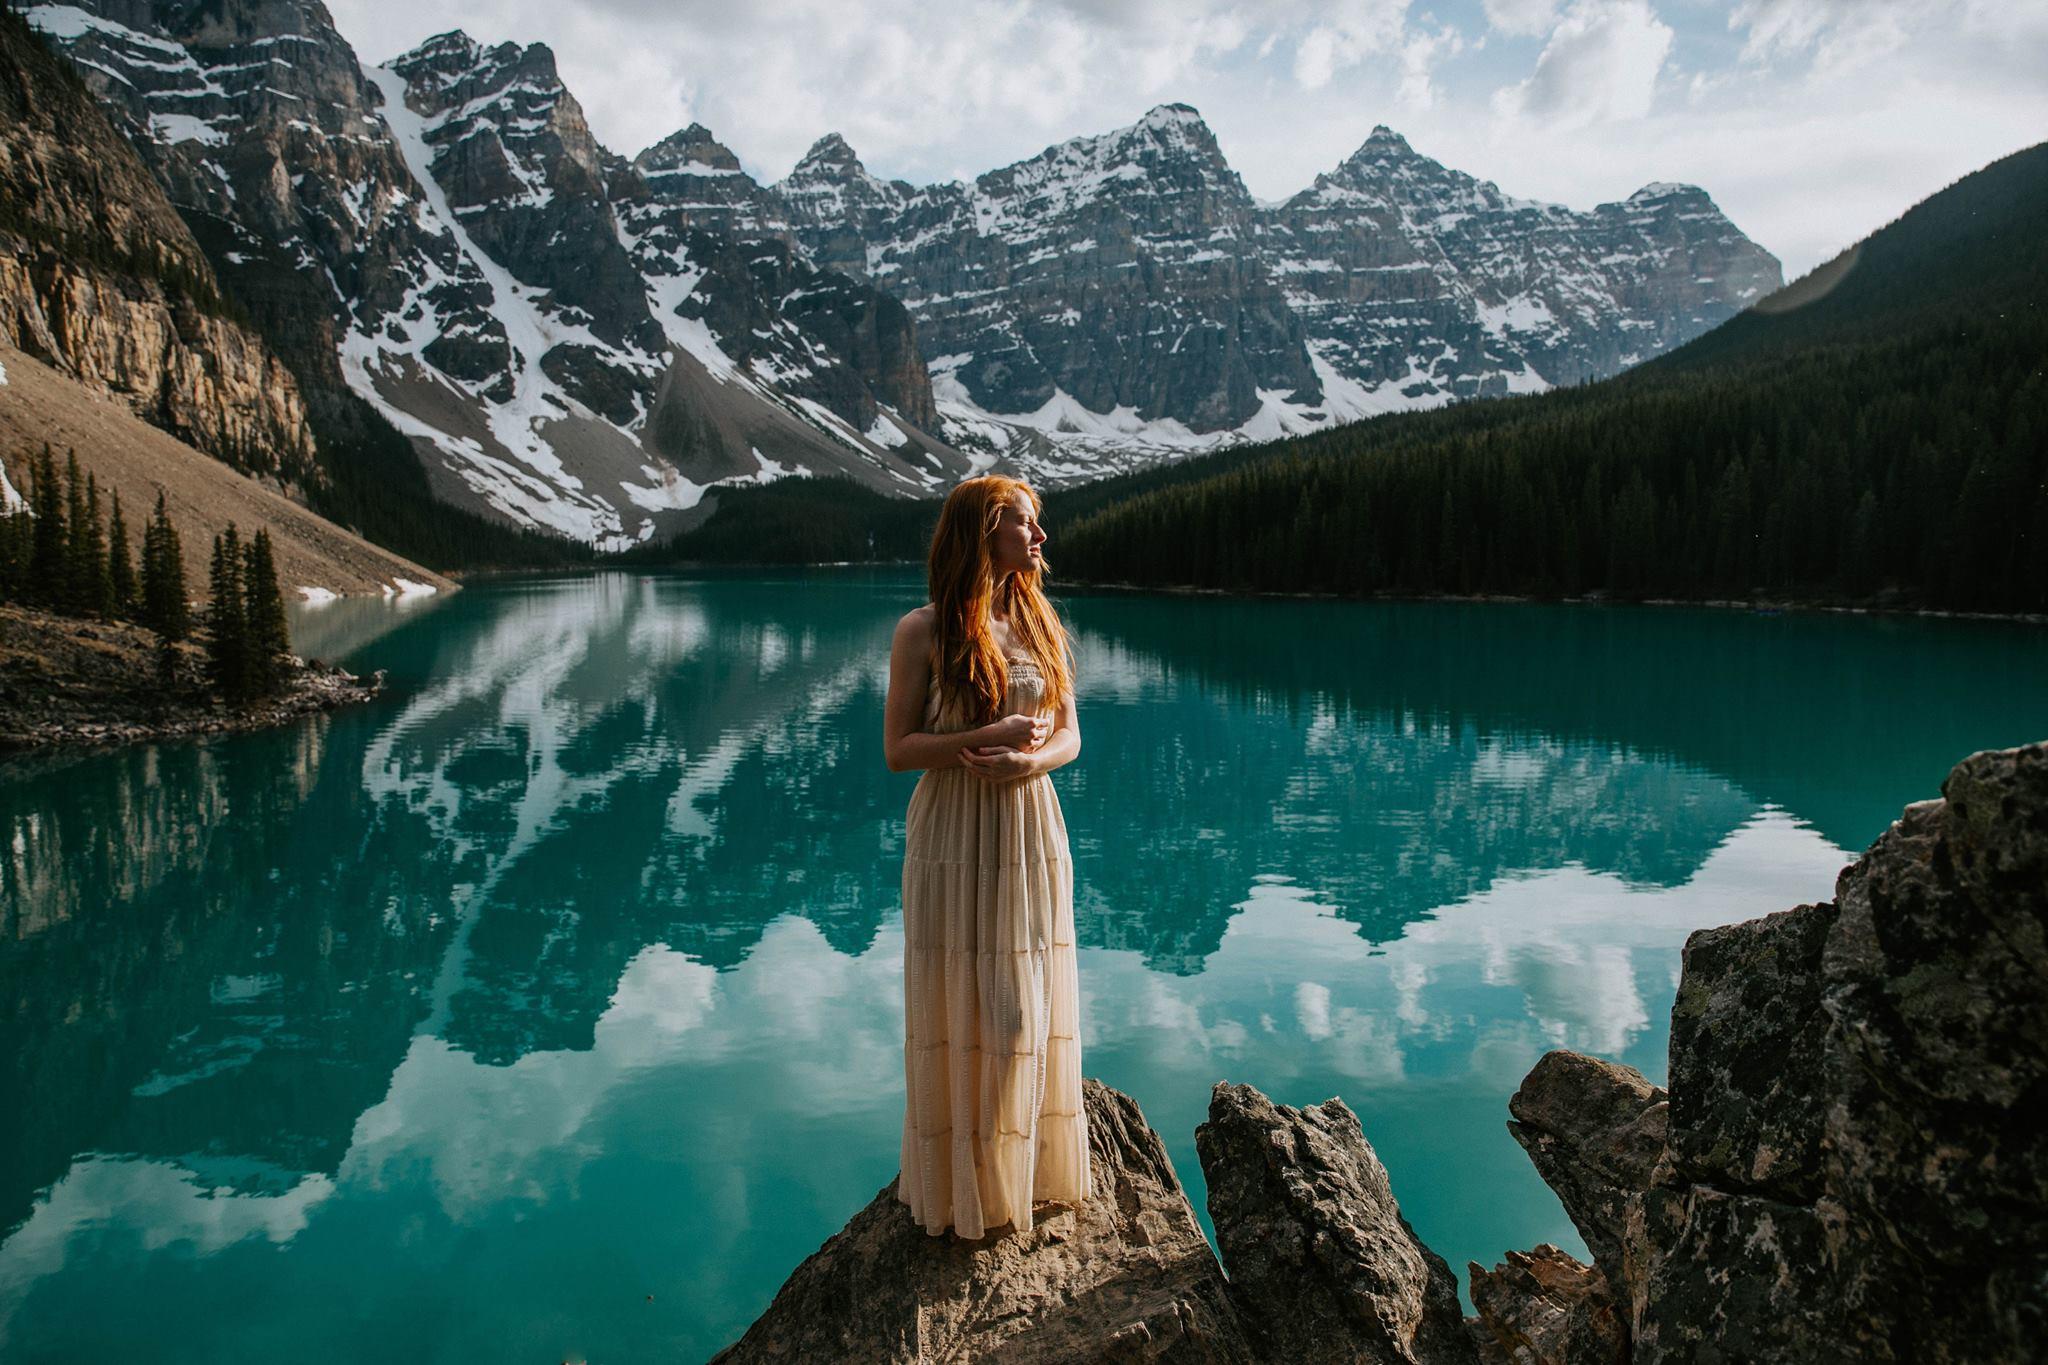 moraine lake canada lake Louise banff shelby robinson thistlewood photo